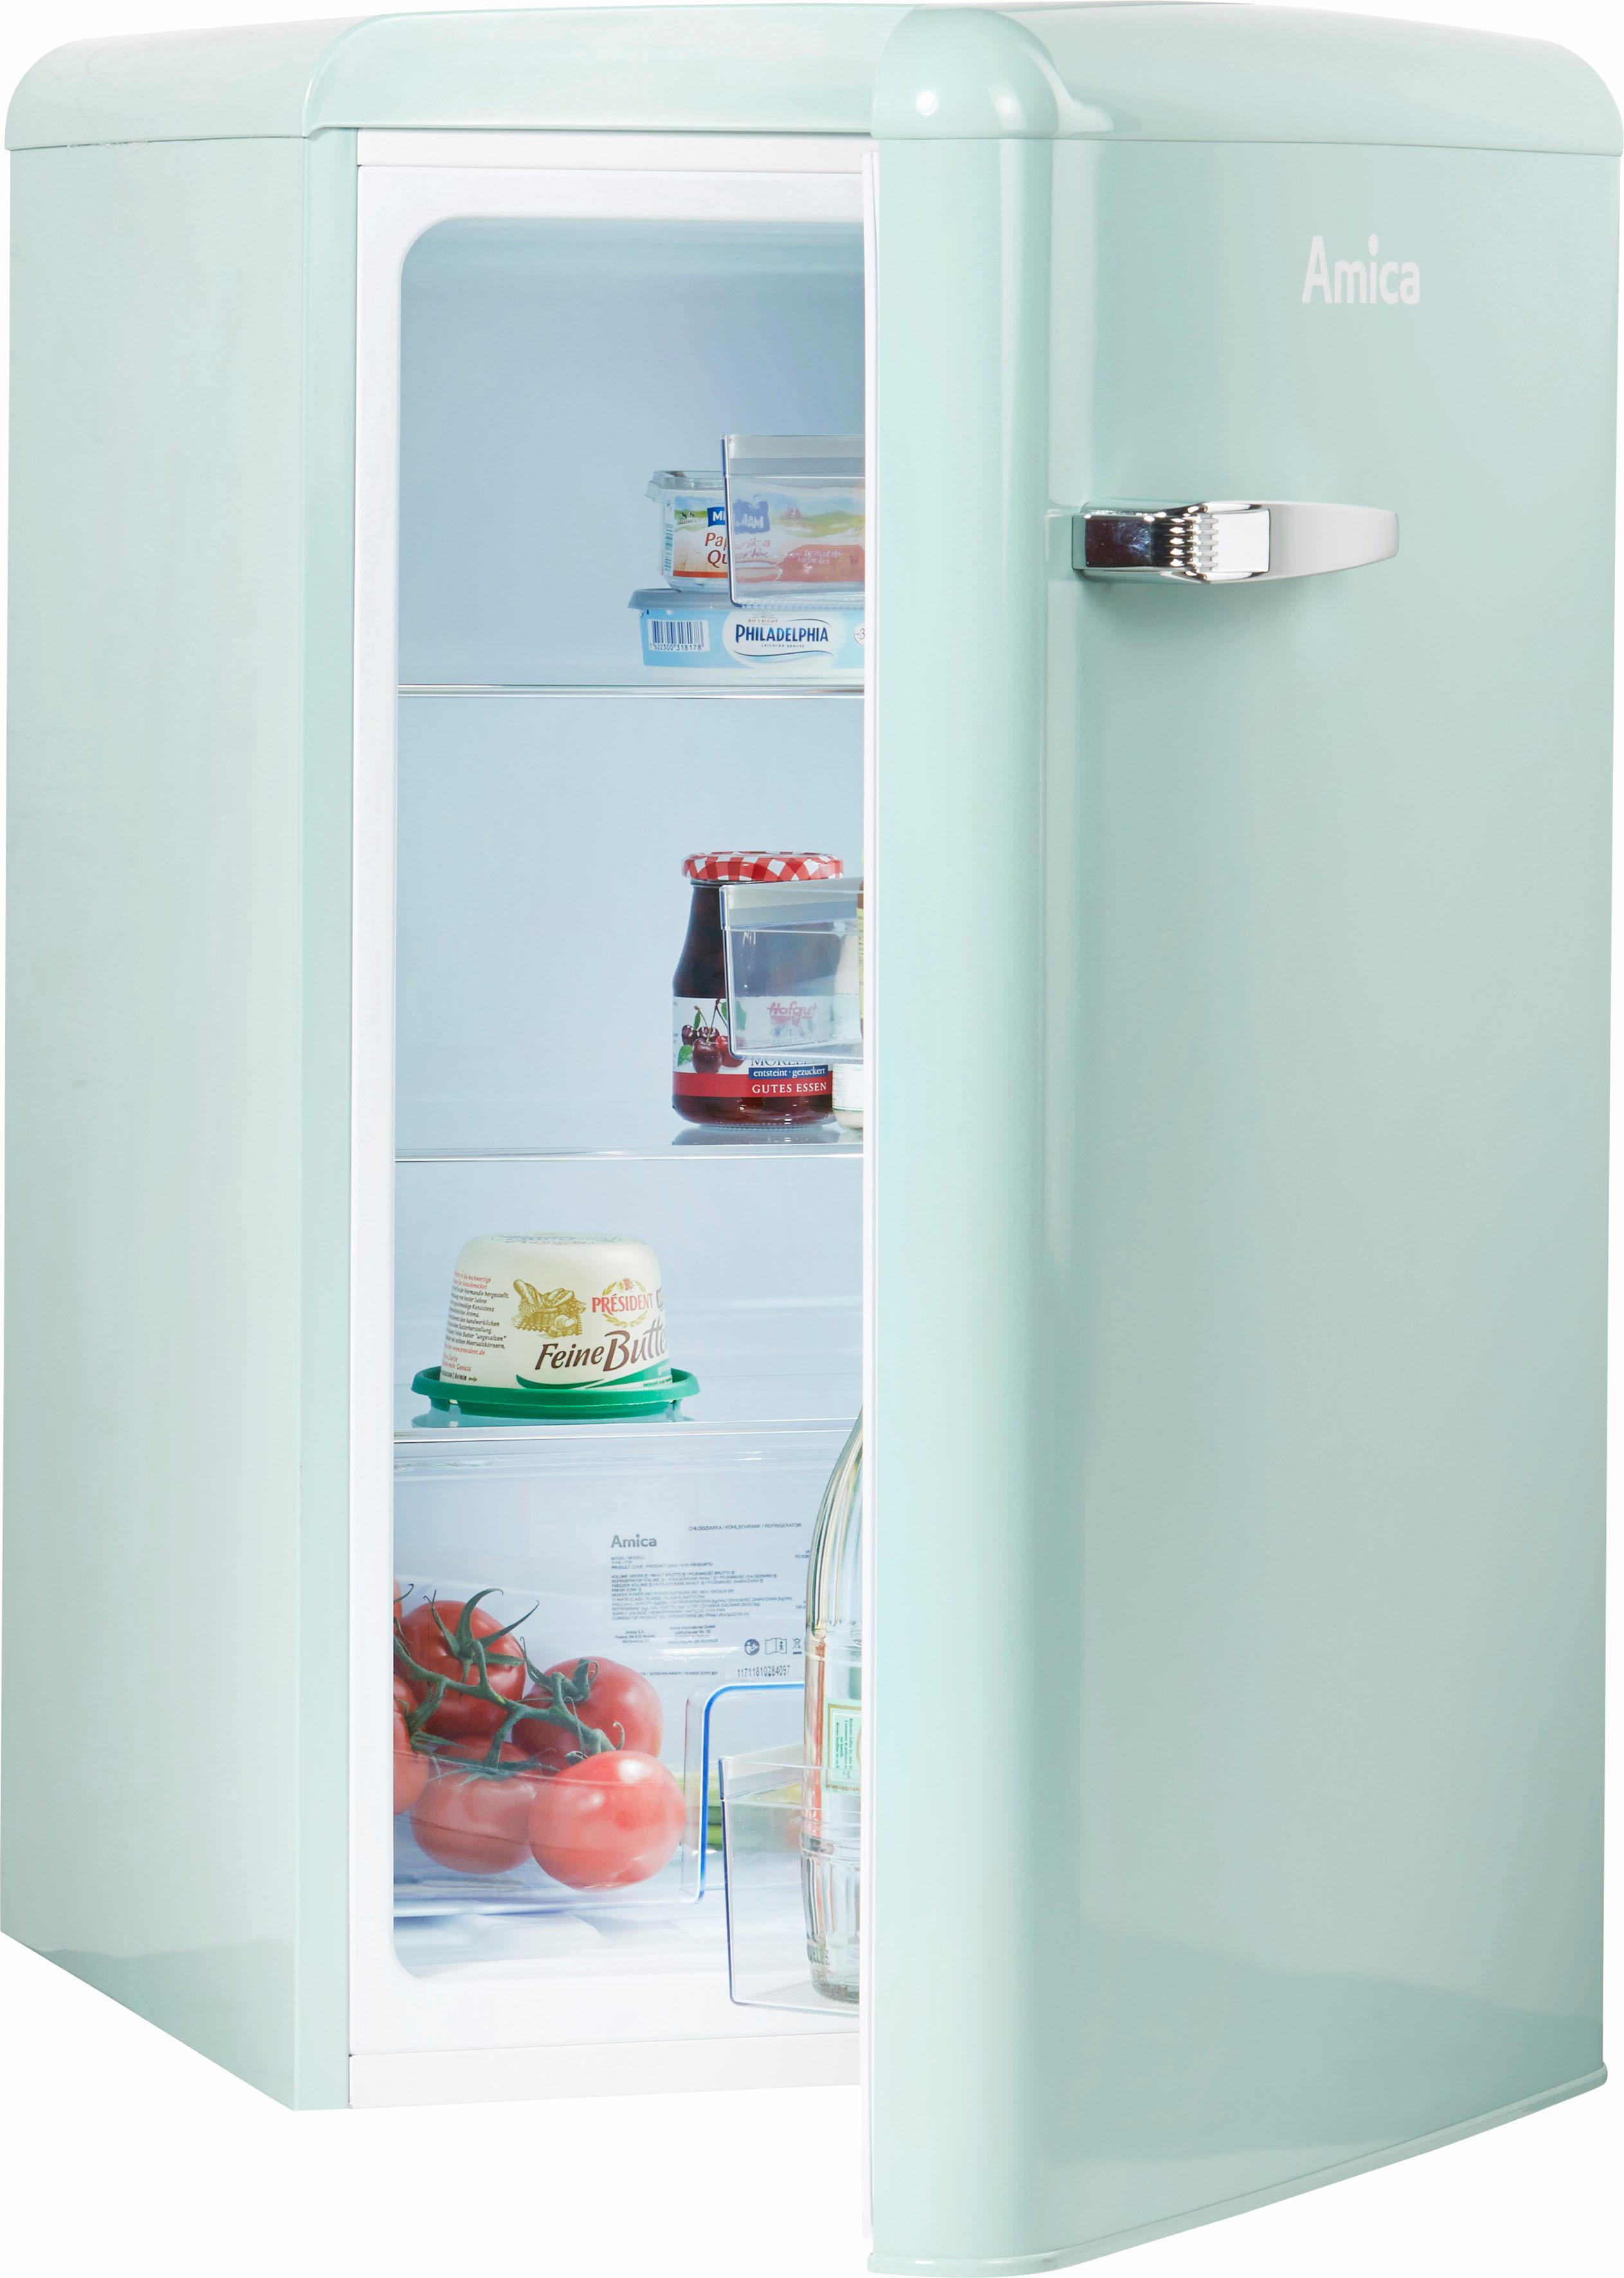 Amica Table Top Kühlschrank, 86 cm hoch, 55 cm breit im